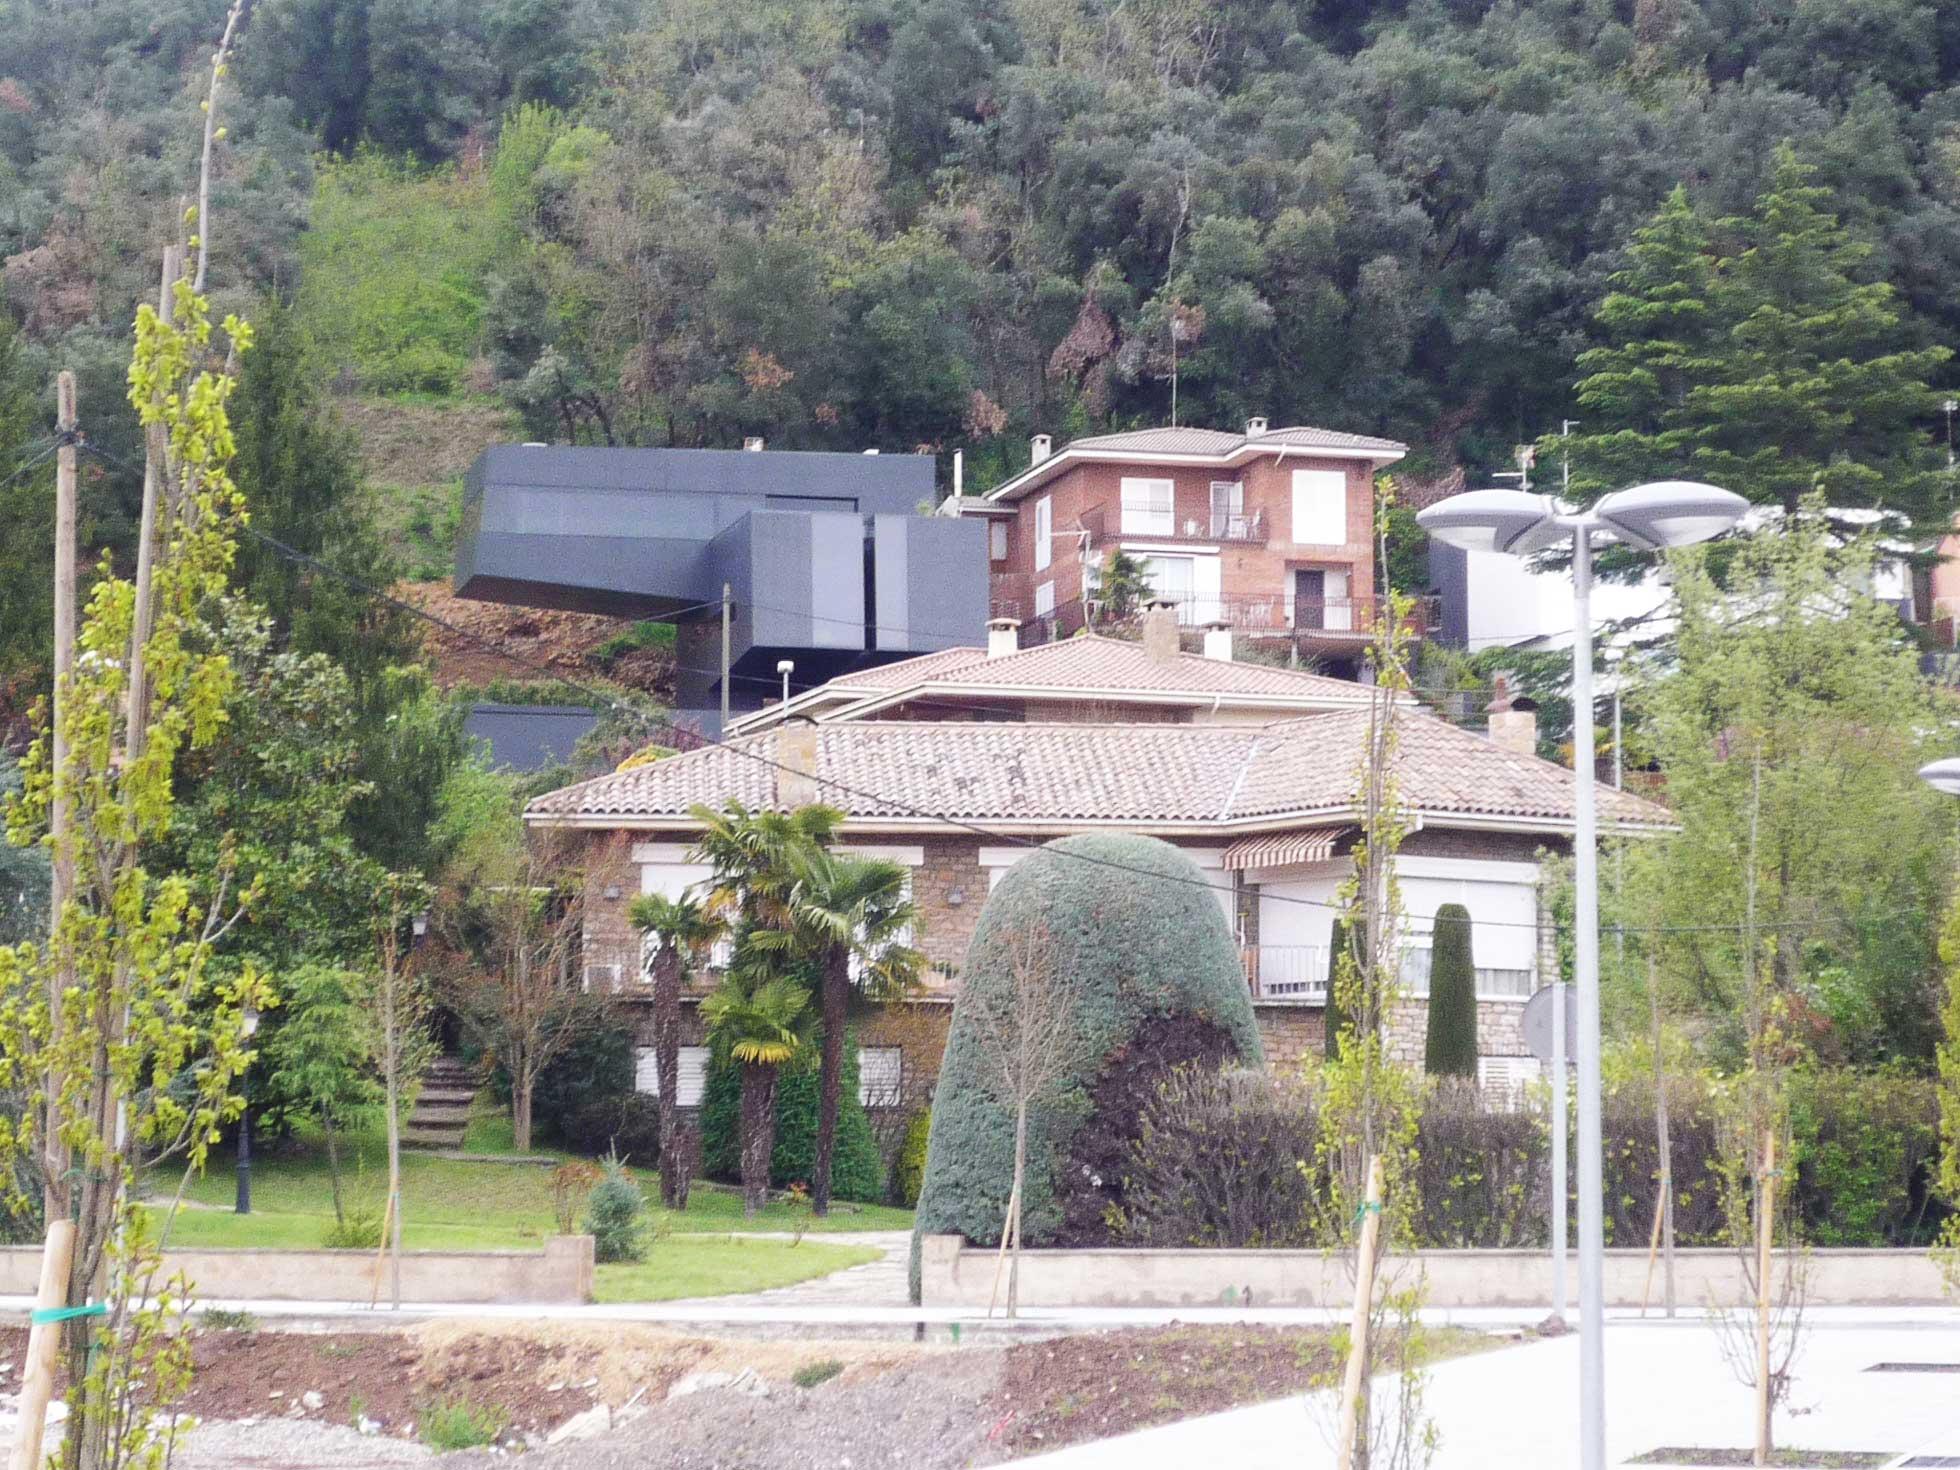 House for a carpenter 3